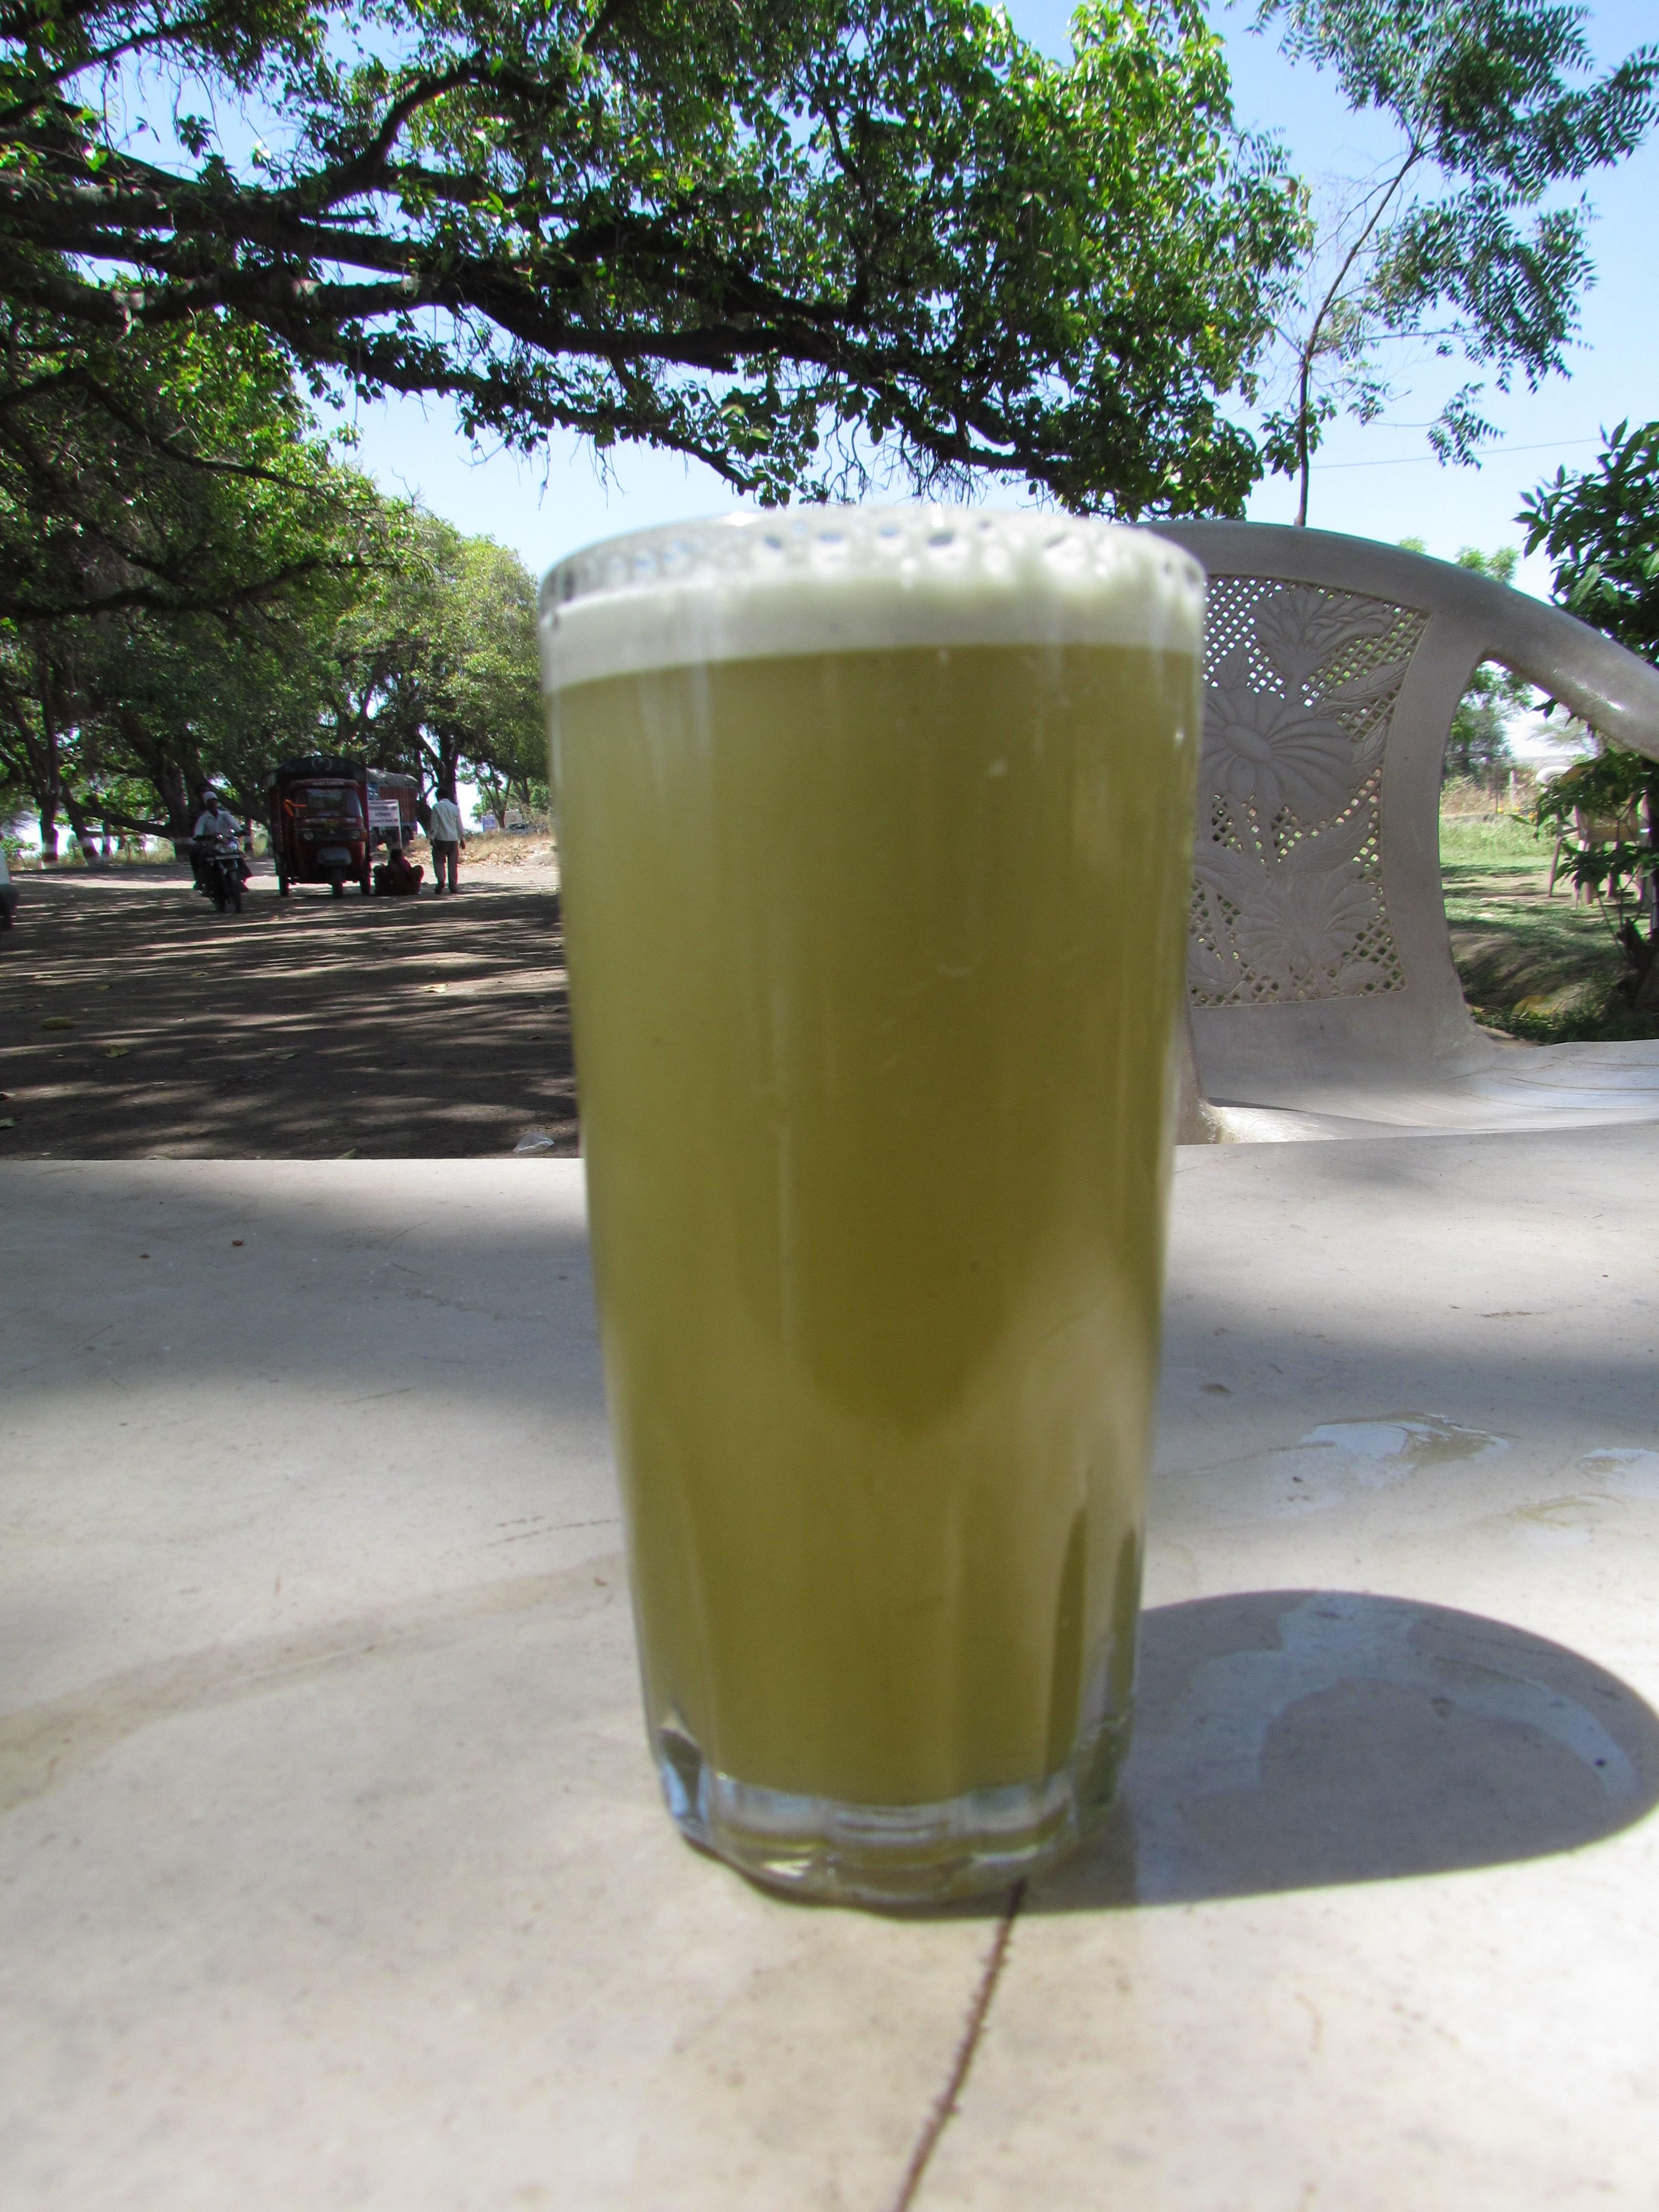 Sugarcane juice has been